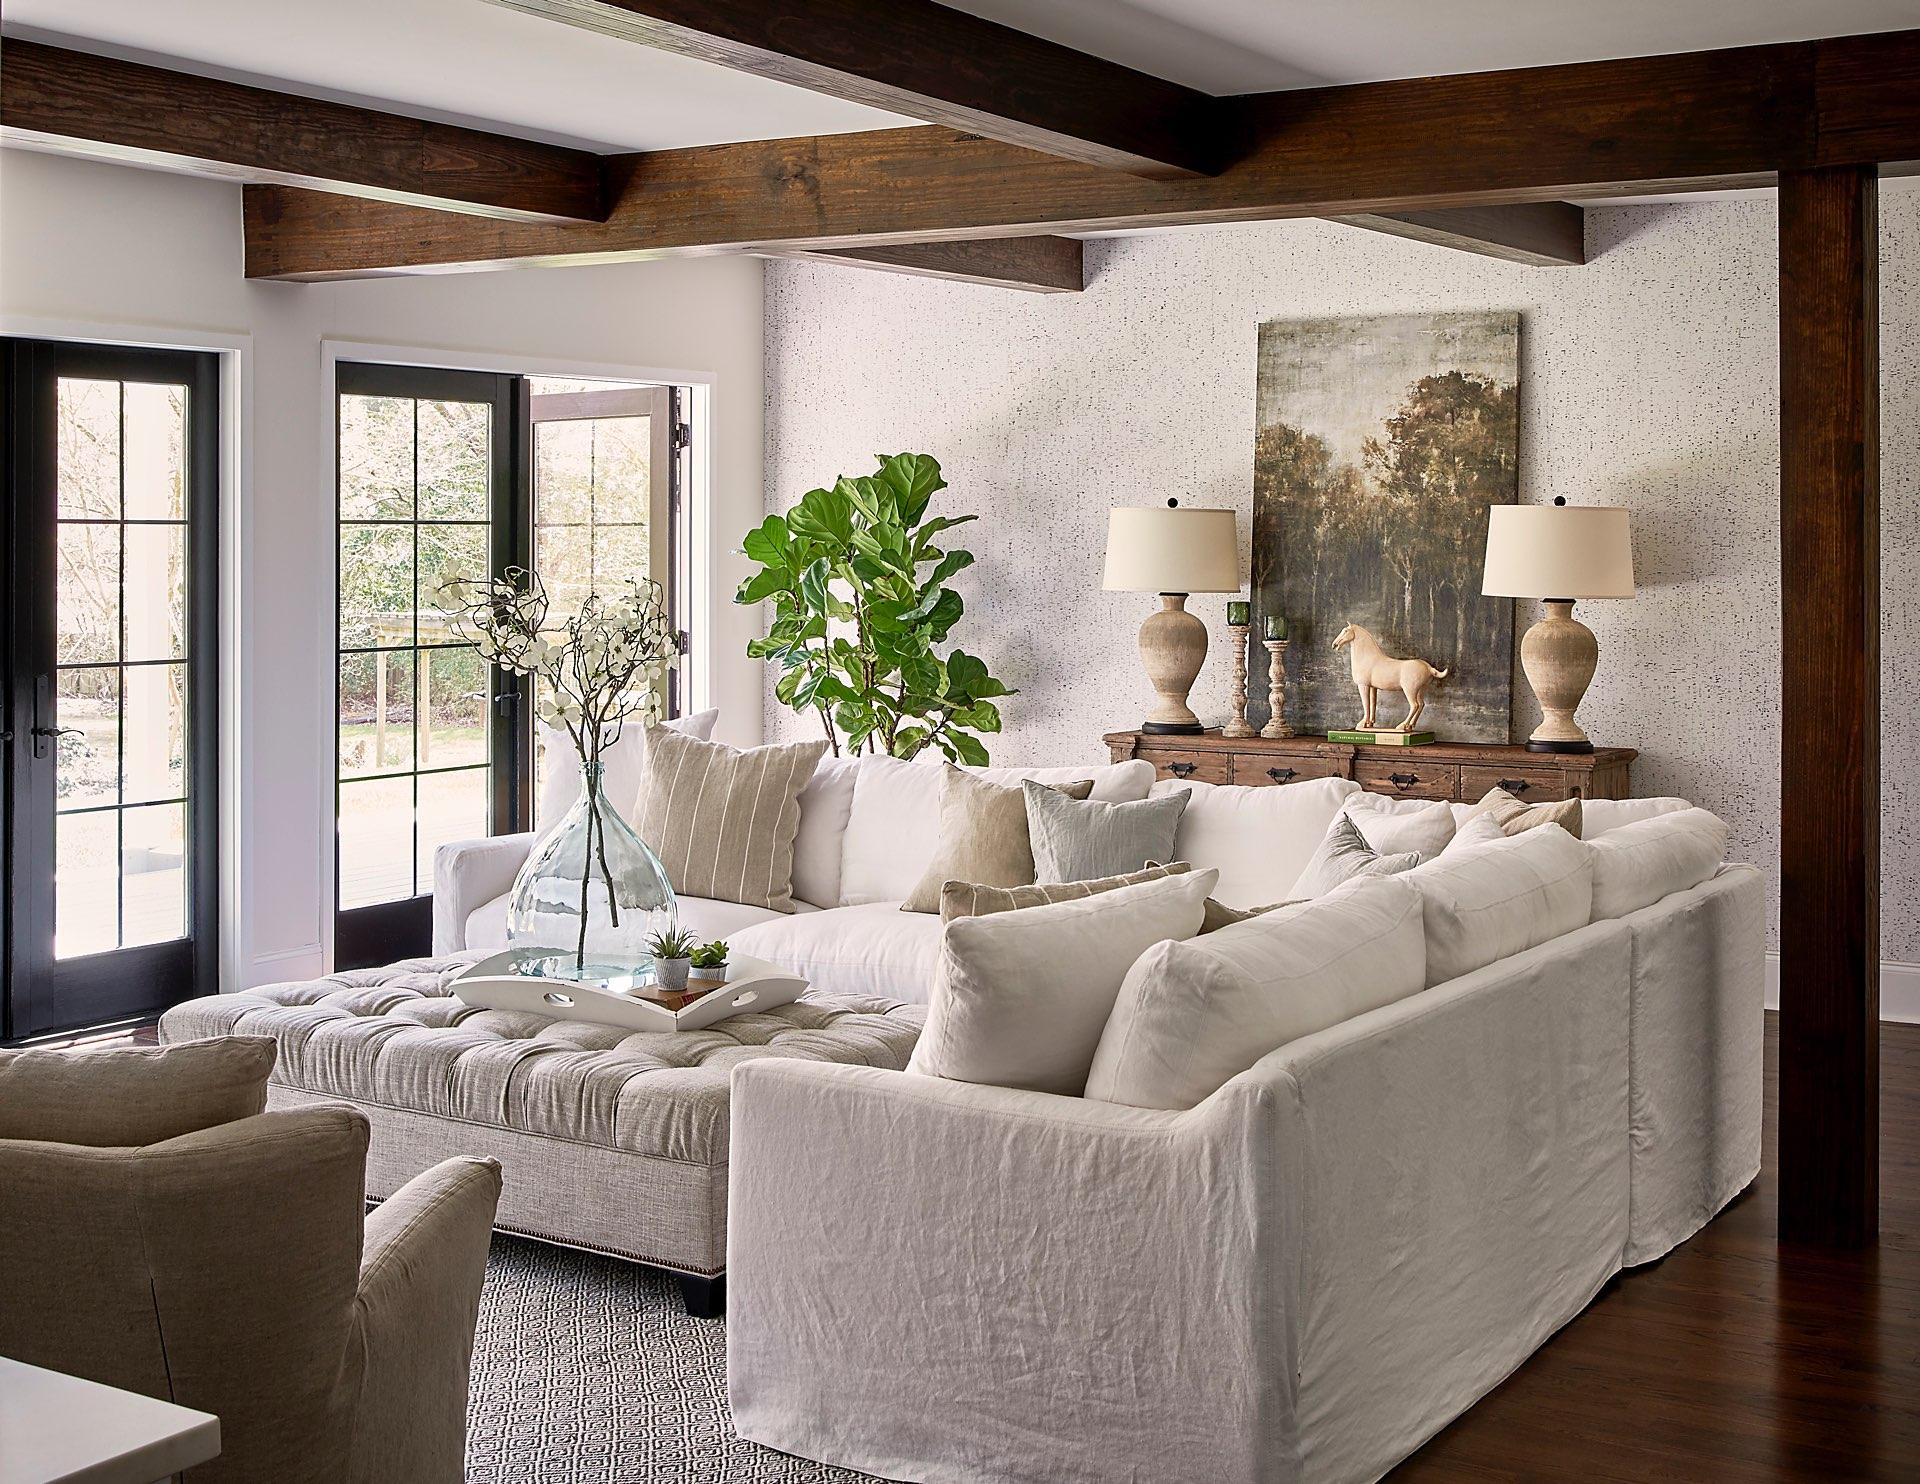 гостиная белые стены деревянный пол мягкая мебель утяжки консоль лампы картина потолок балки французские двери